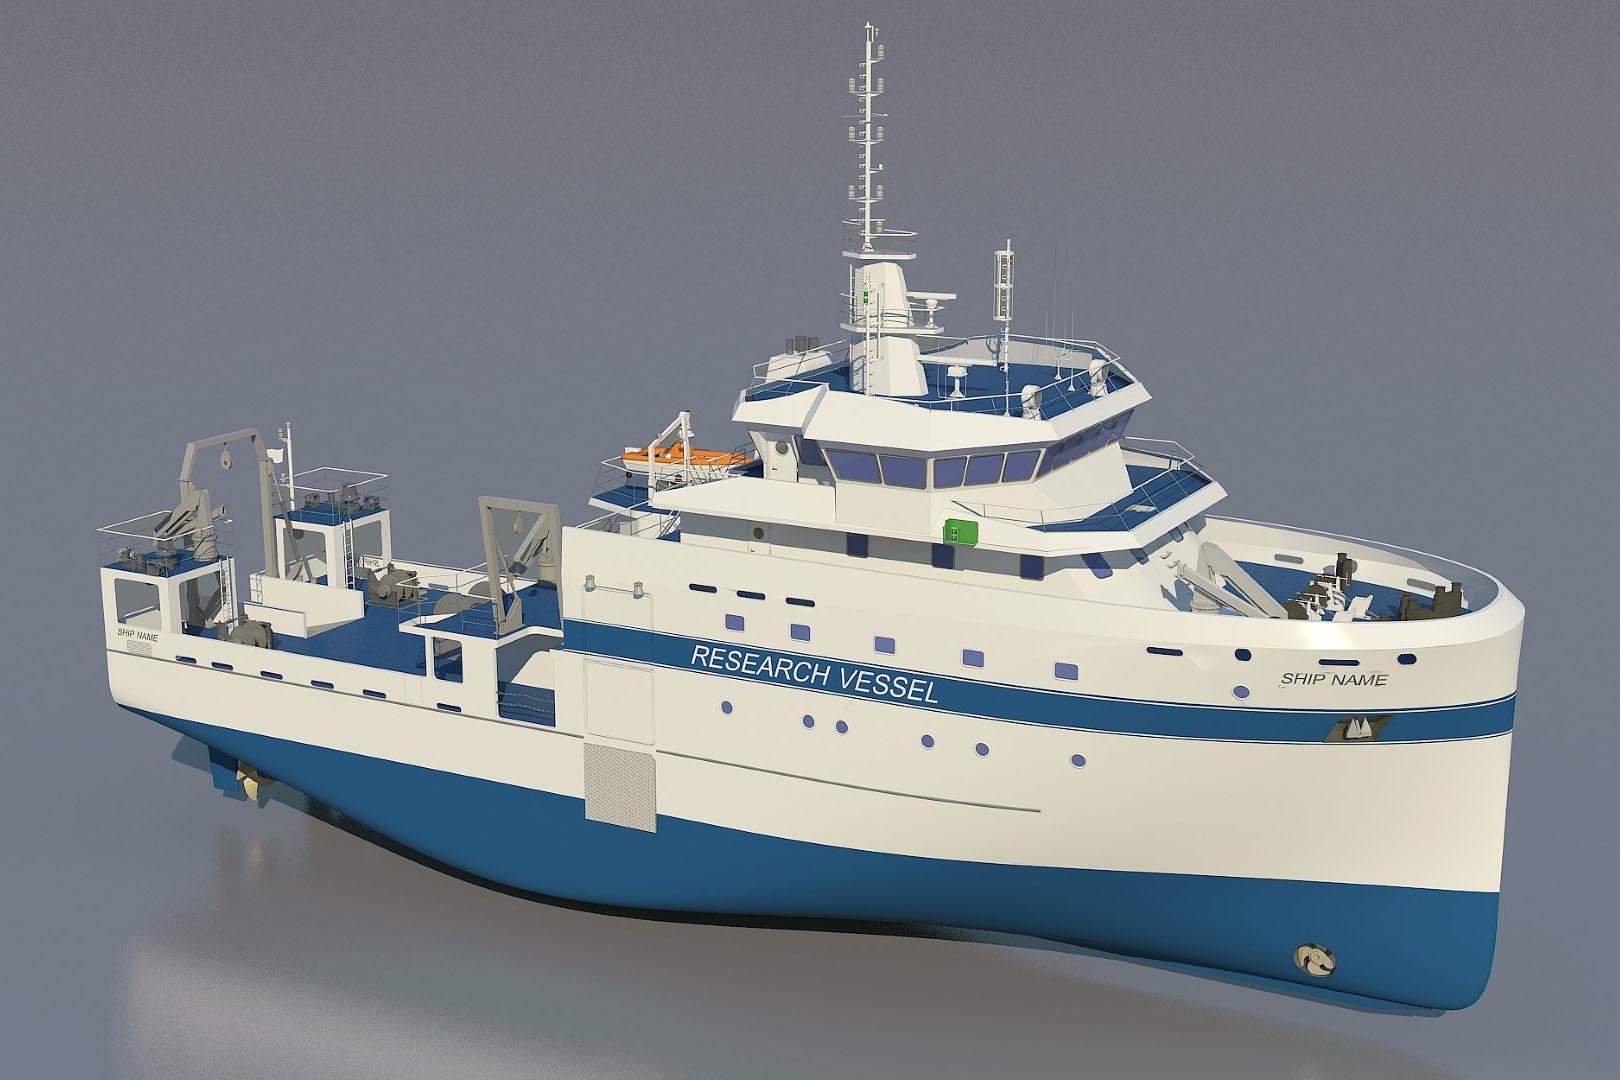 حمدان بن زايد يعلن بدء هيئة البيئة - أبوظبي بناء وتطوير سفينة أبحاث تعتبر الأكثر تقدماً وتطوراً على مستوى الشرق الأوسط